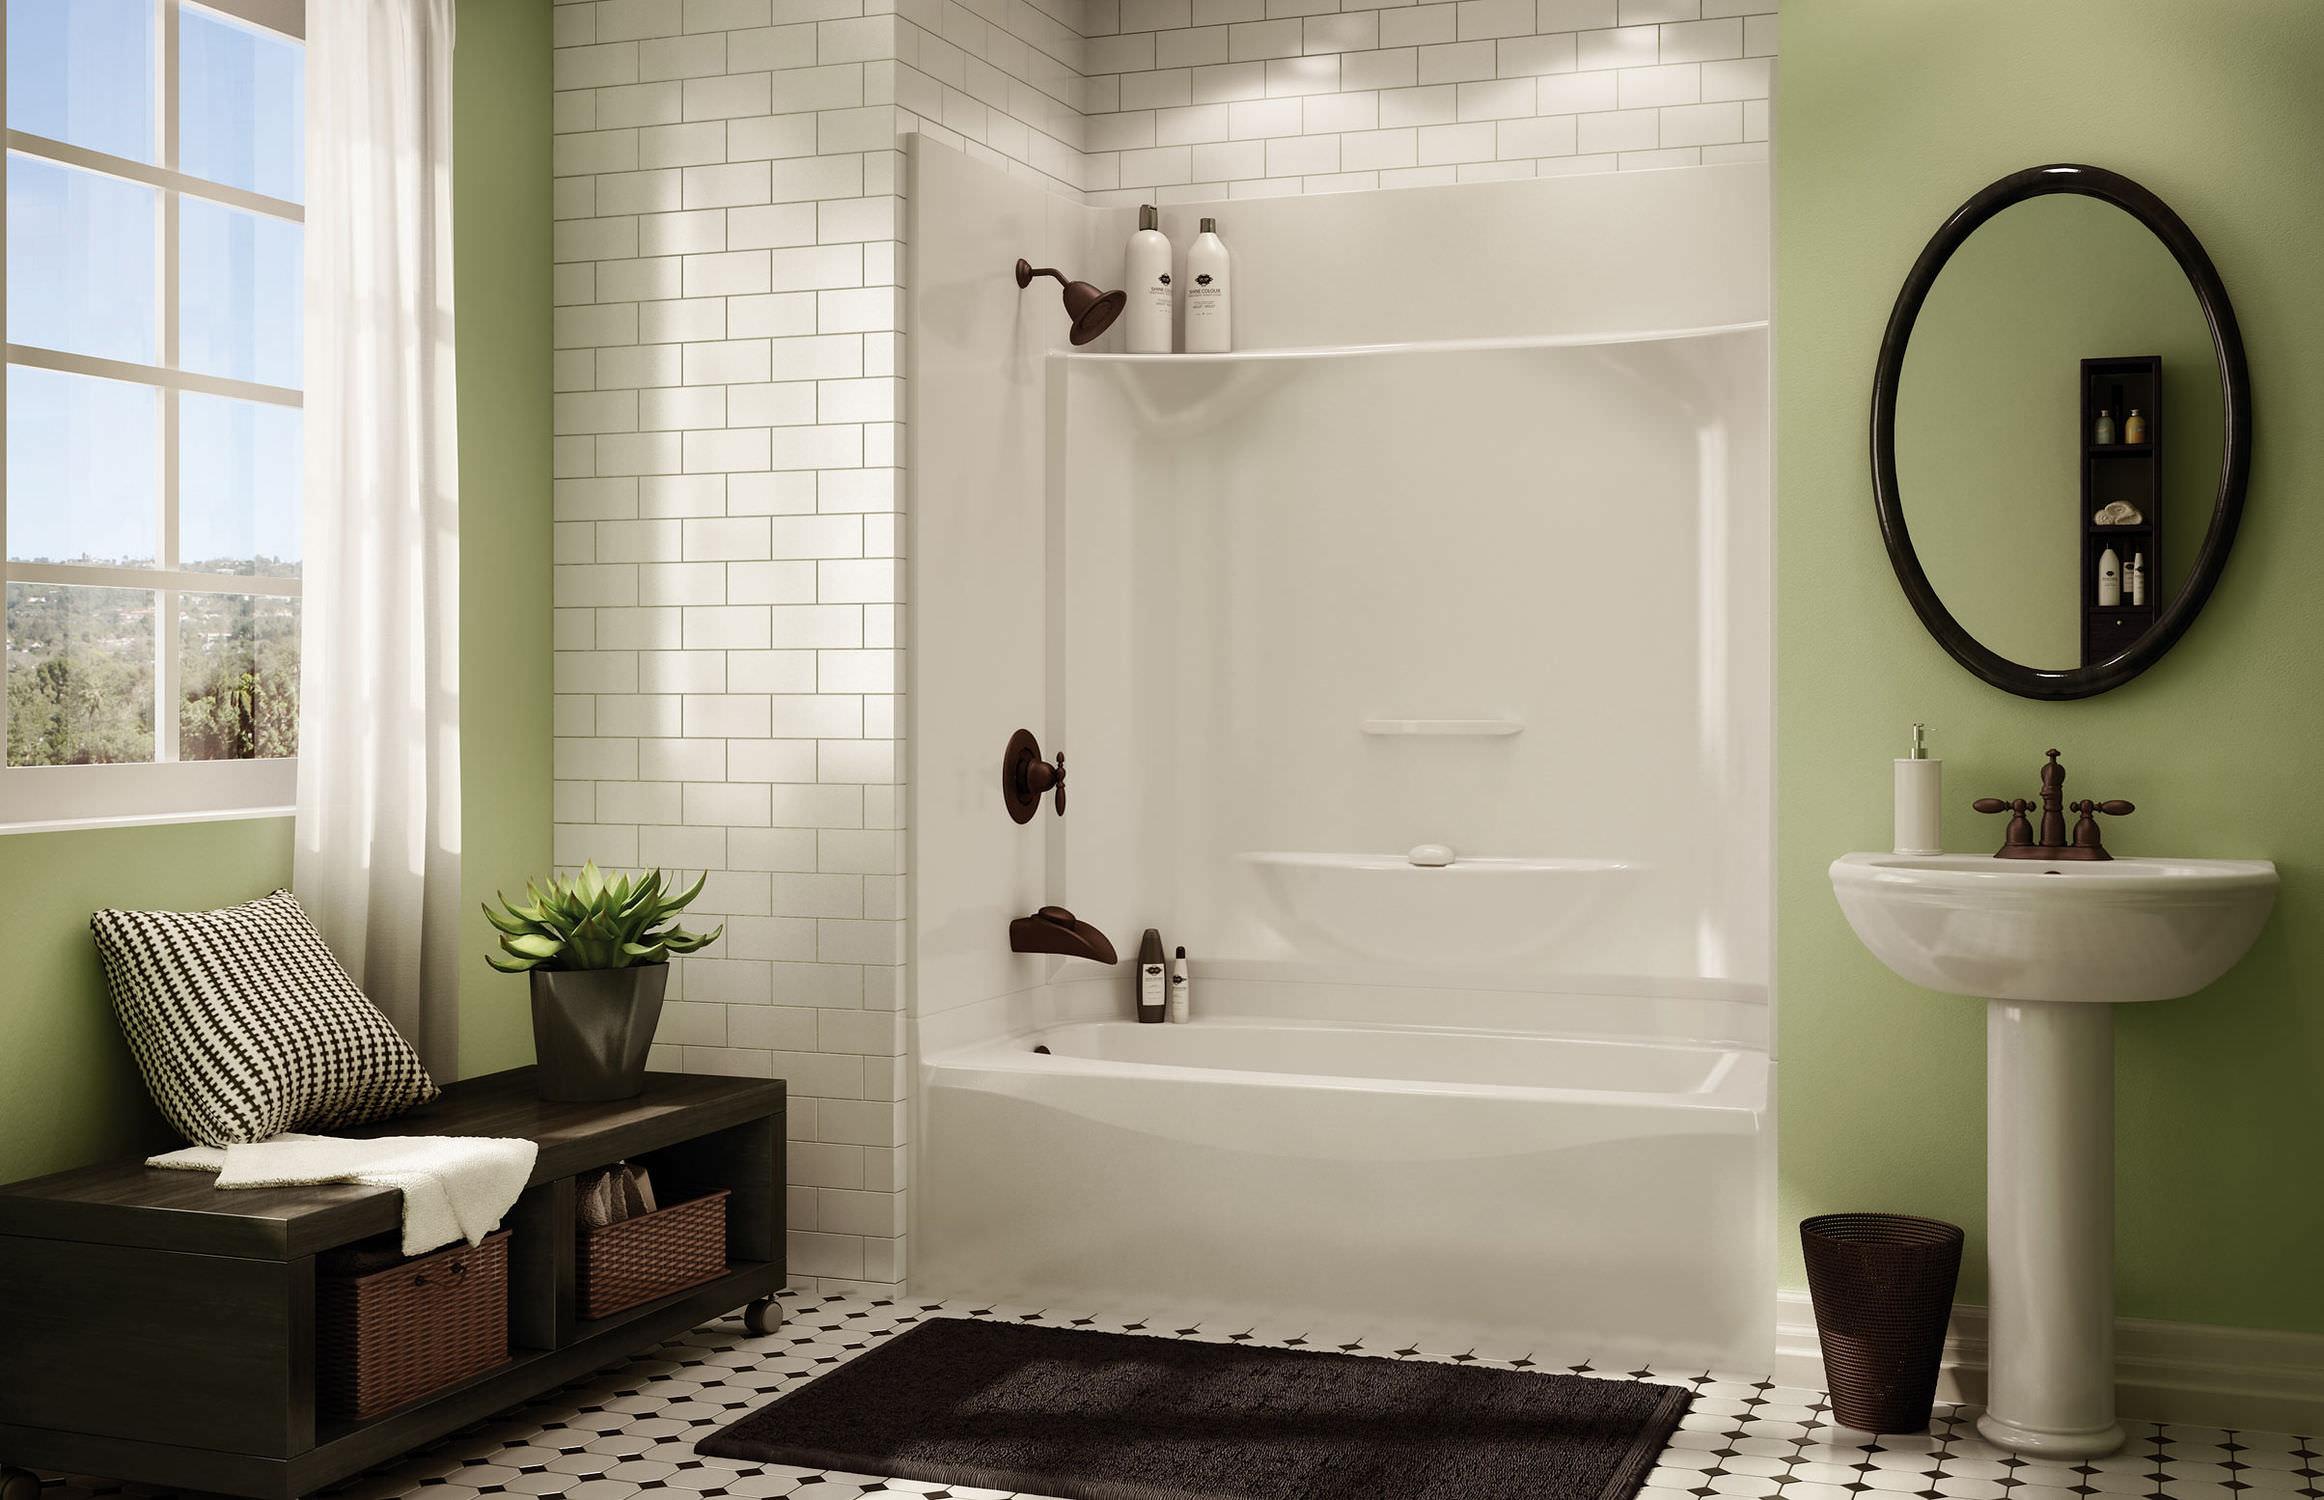 Combination Kdts 3260 Maax Bathroom